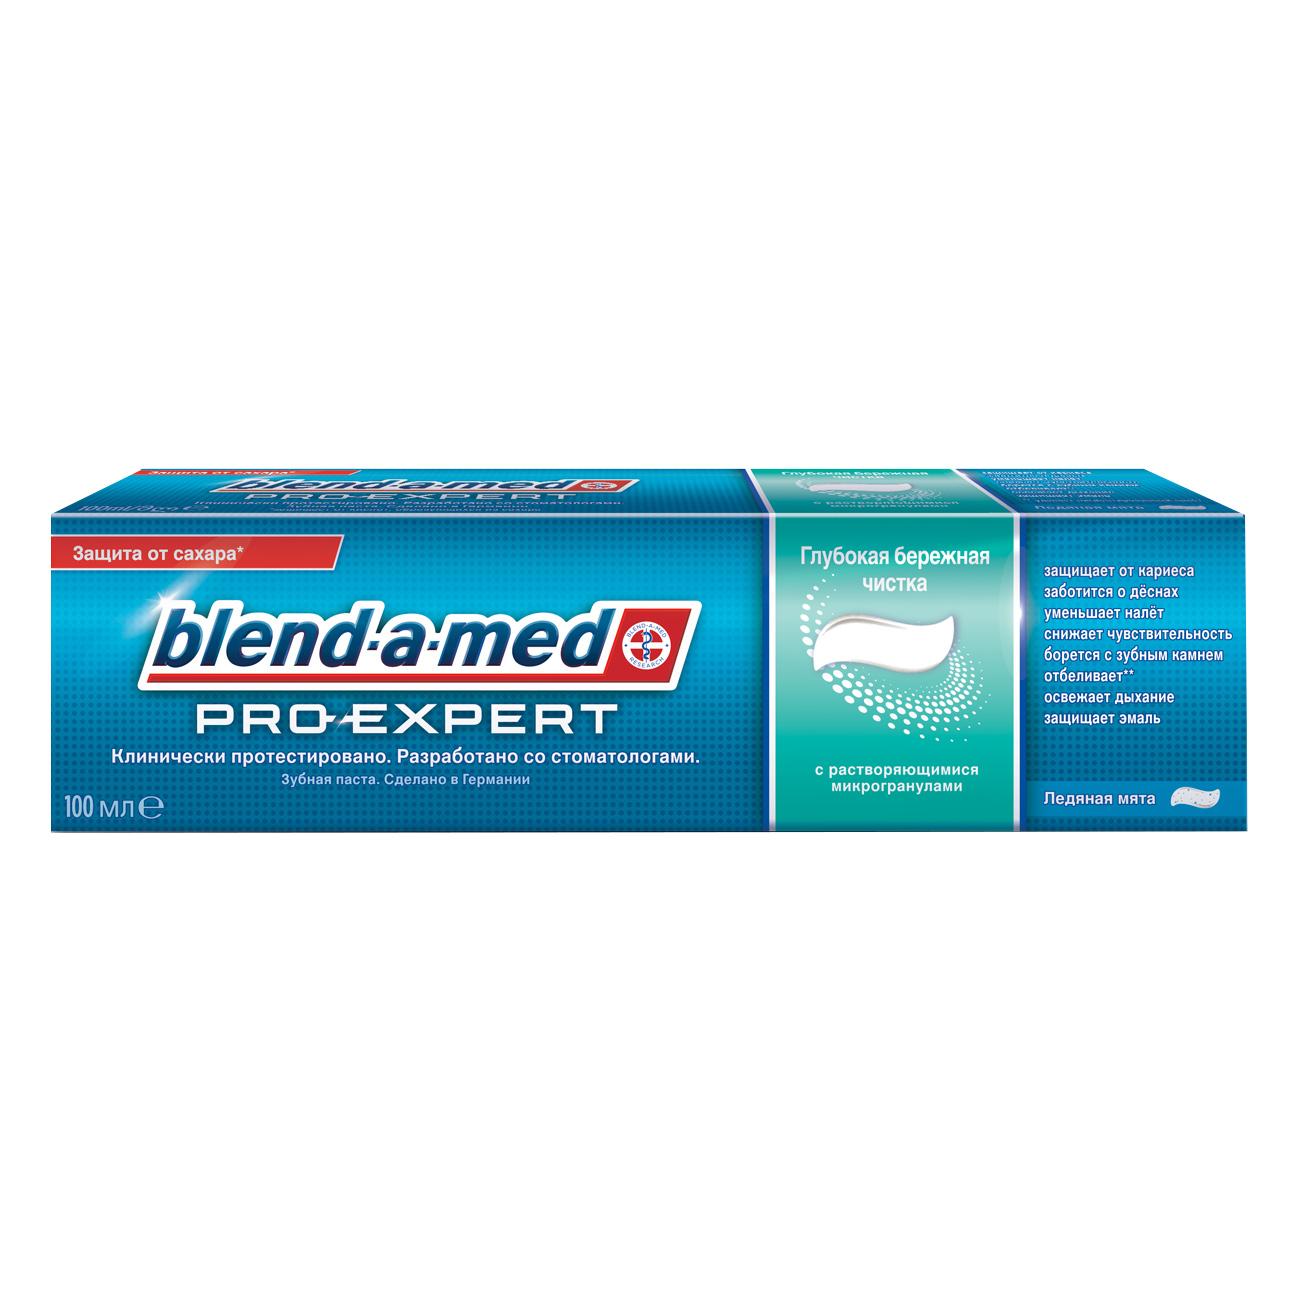 Купить Зубная паста Blend-a-med ProExpert Глубокая бережная чистка Ледяная мята 100мл, зубная паста 81561989